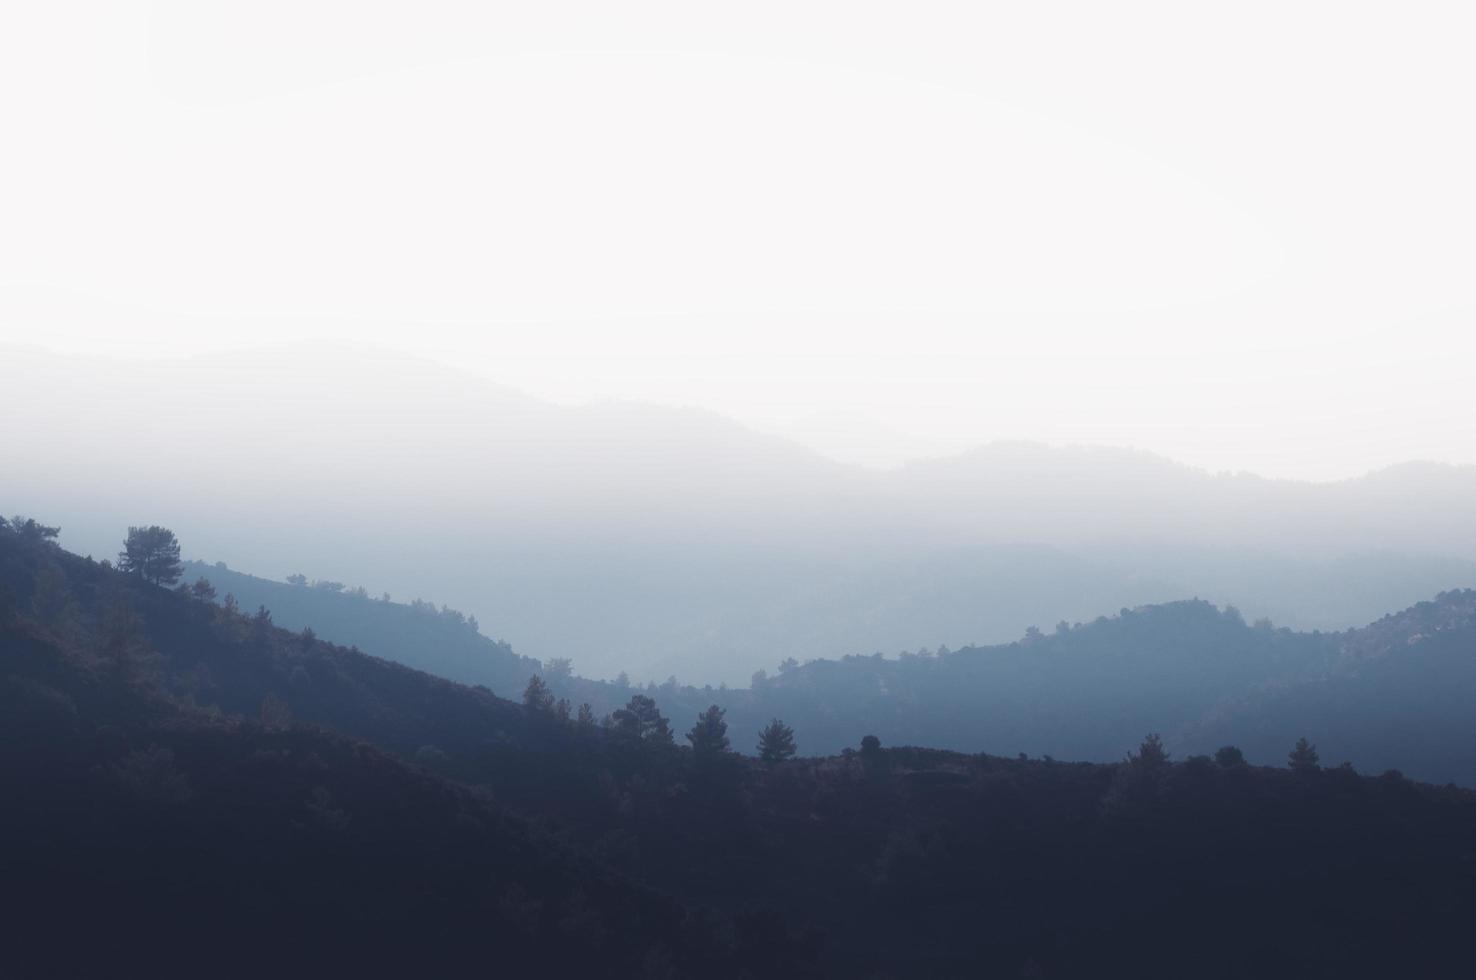 montagnes dans la brume matinale photo